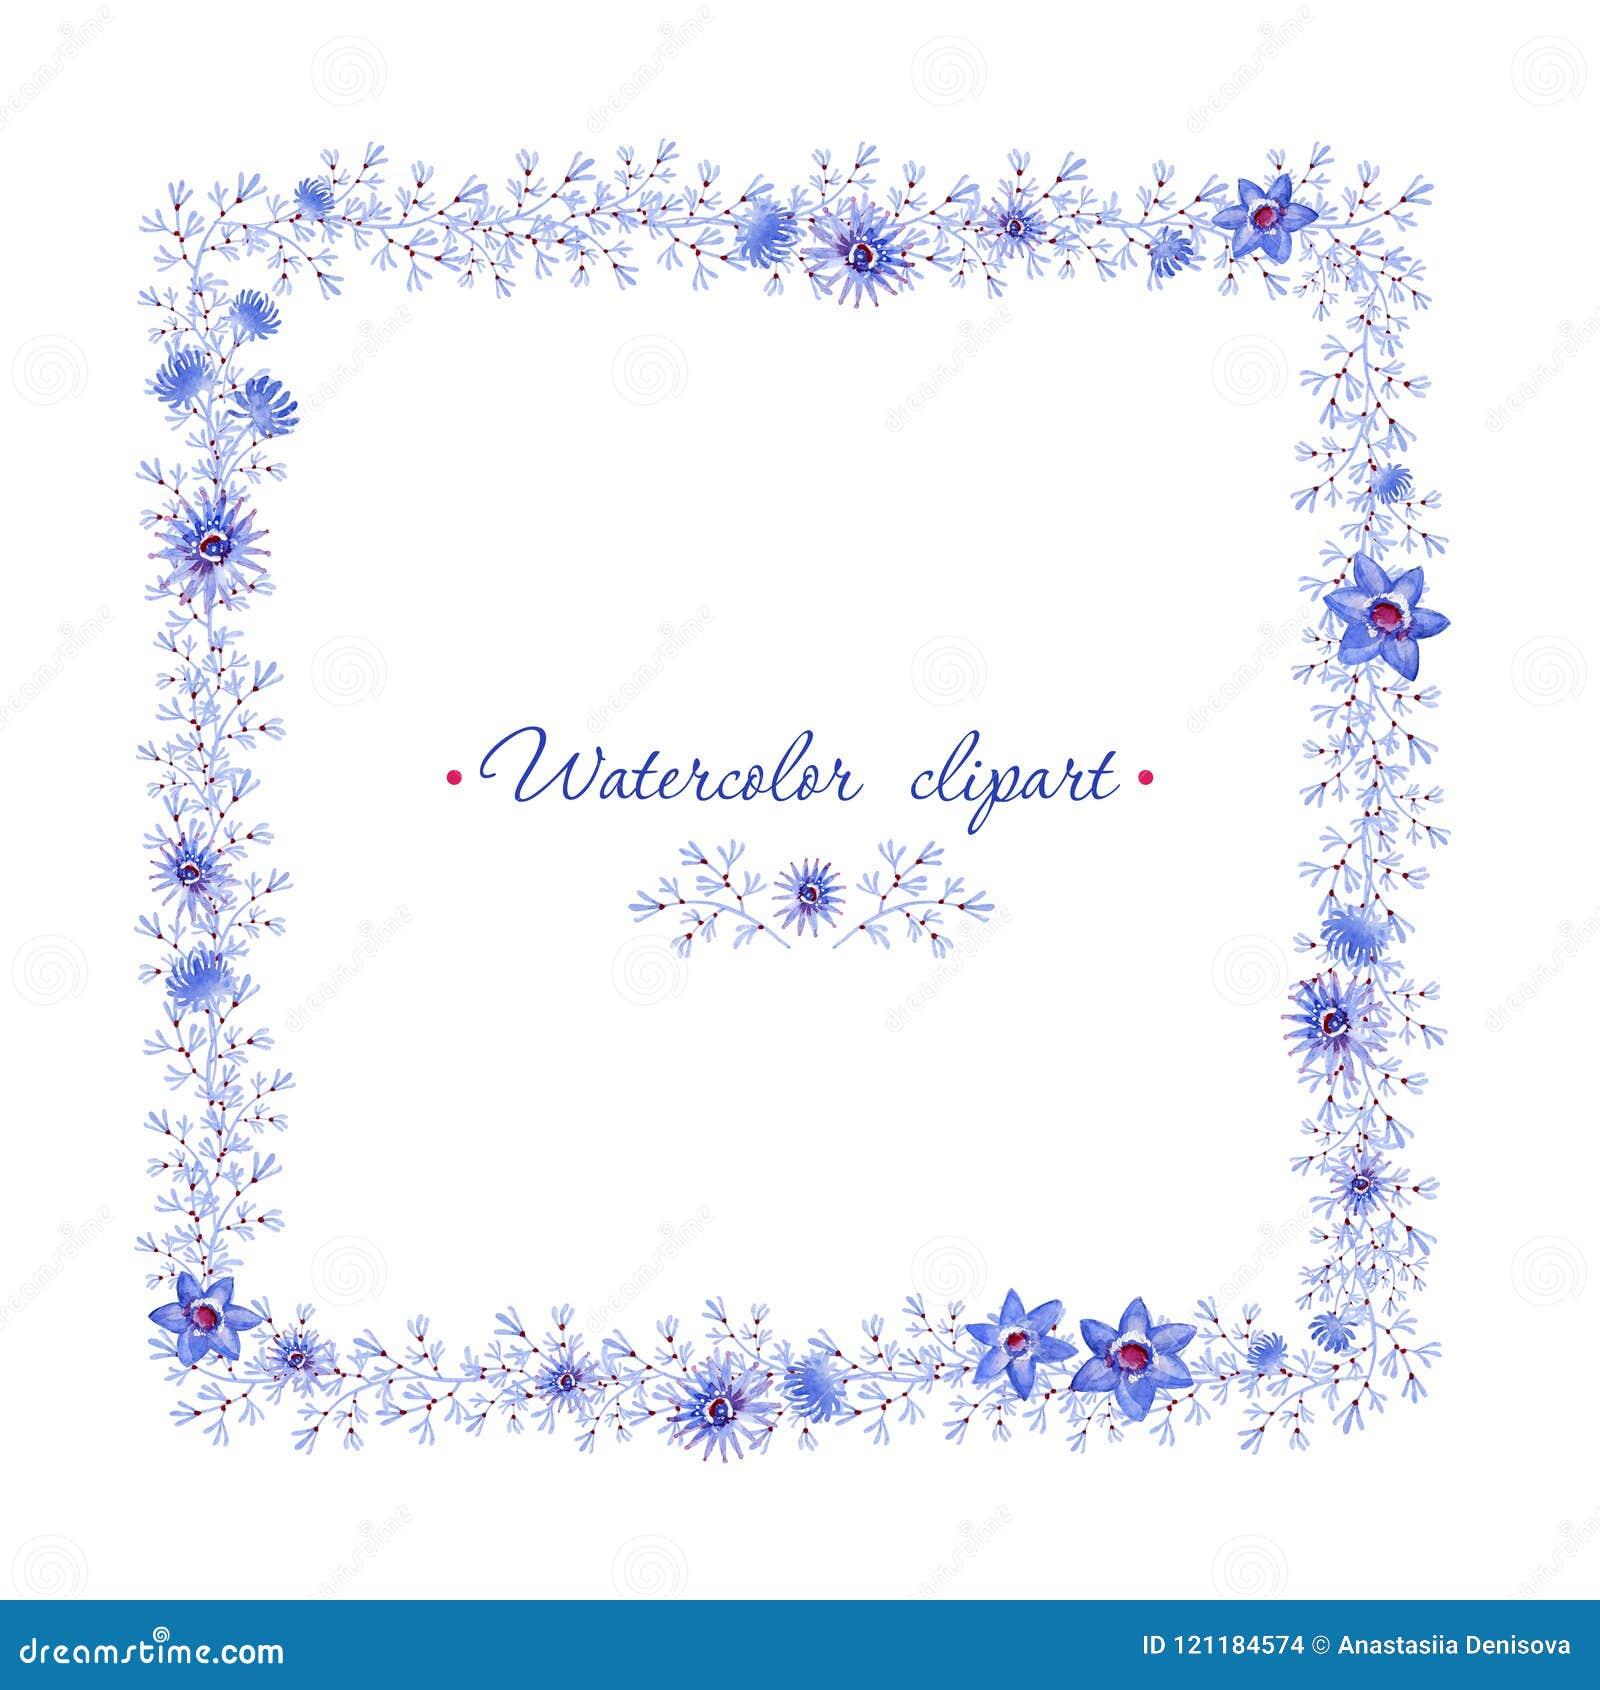 Marco Azul Cuadrado Floral Cliparts Para Casarse El Diseño, Creación ...